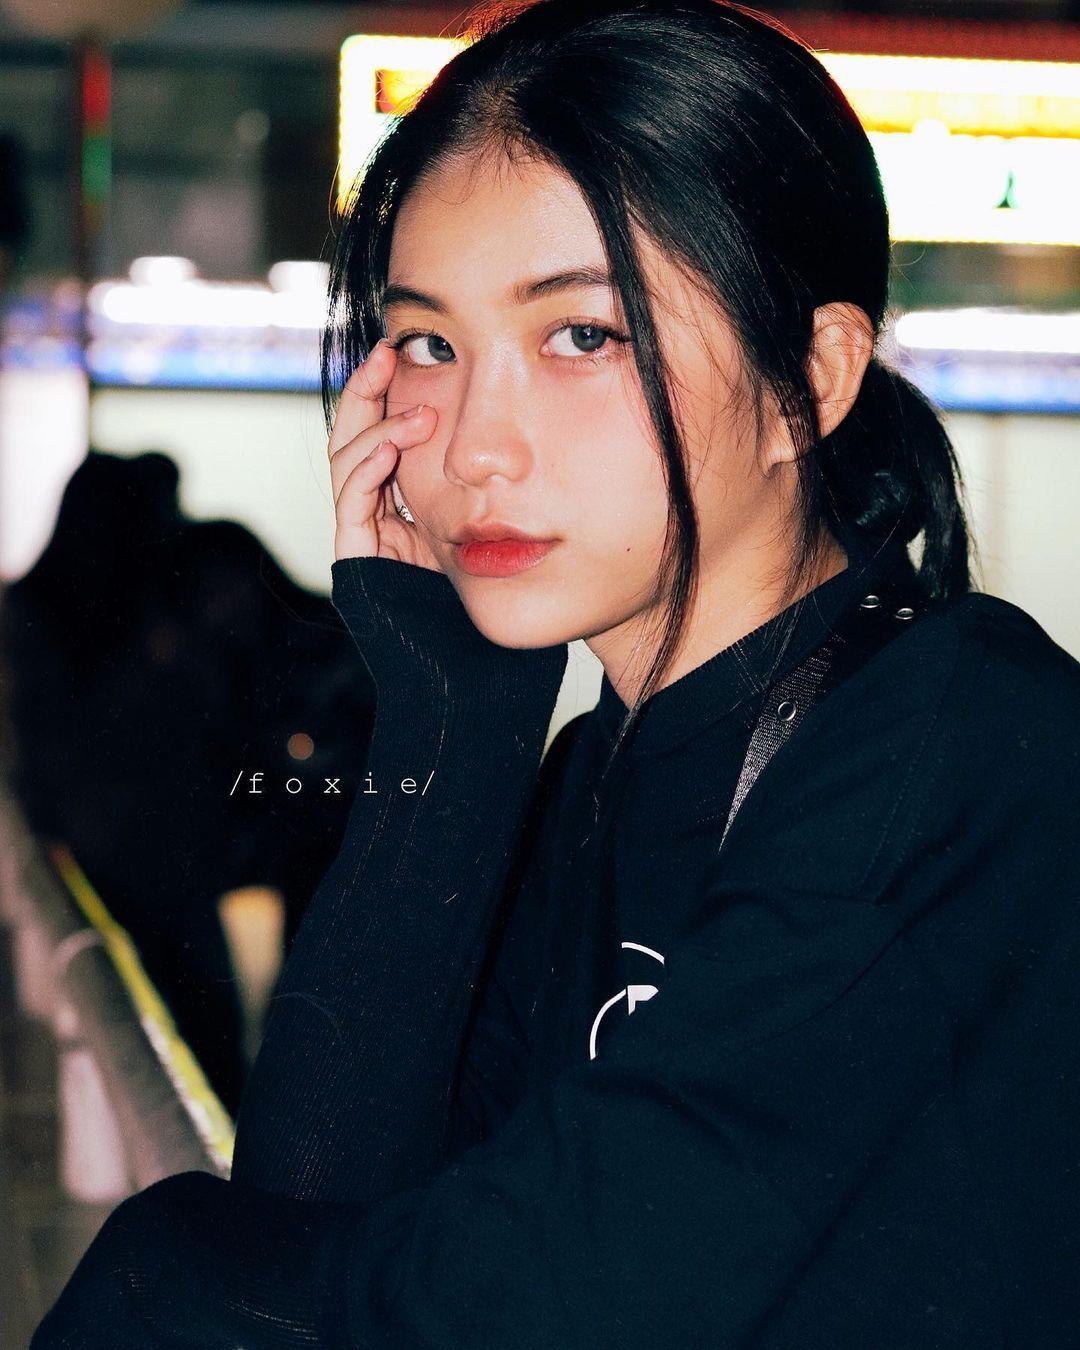 天菜越南妹「Kim Anh」迷蒙眼神仿佛随时在放电空灵气质更是无比疗愈人心 养眼图片 第6张